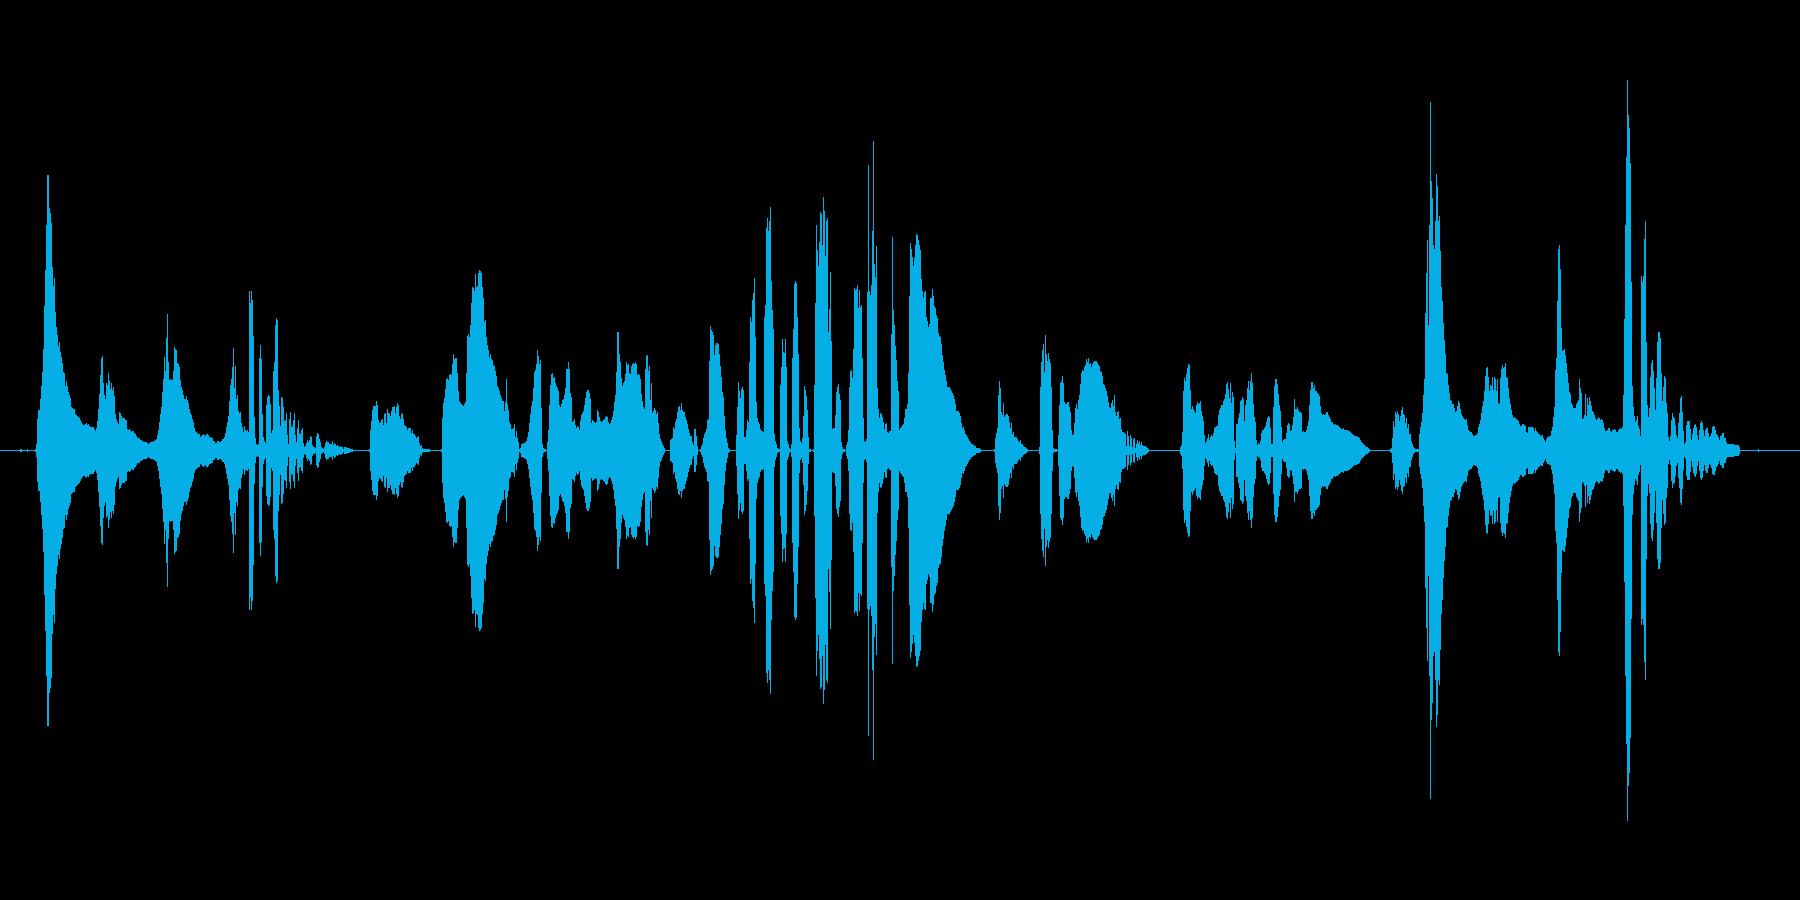 (猫の鳴き声+人間の言葉)の再生済みの波形